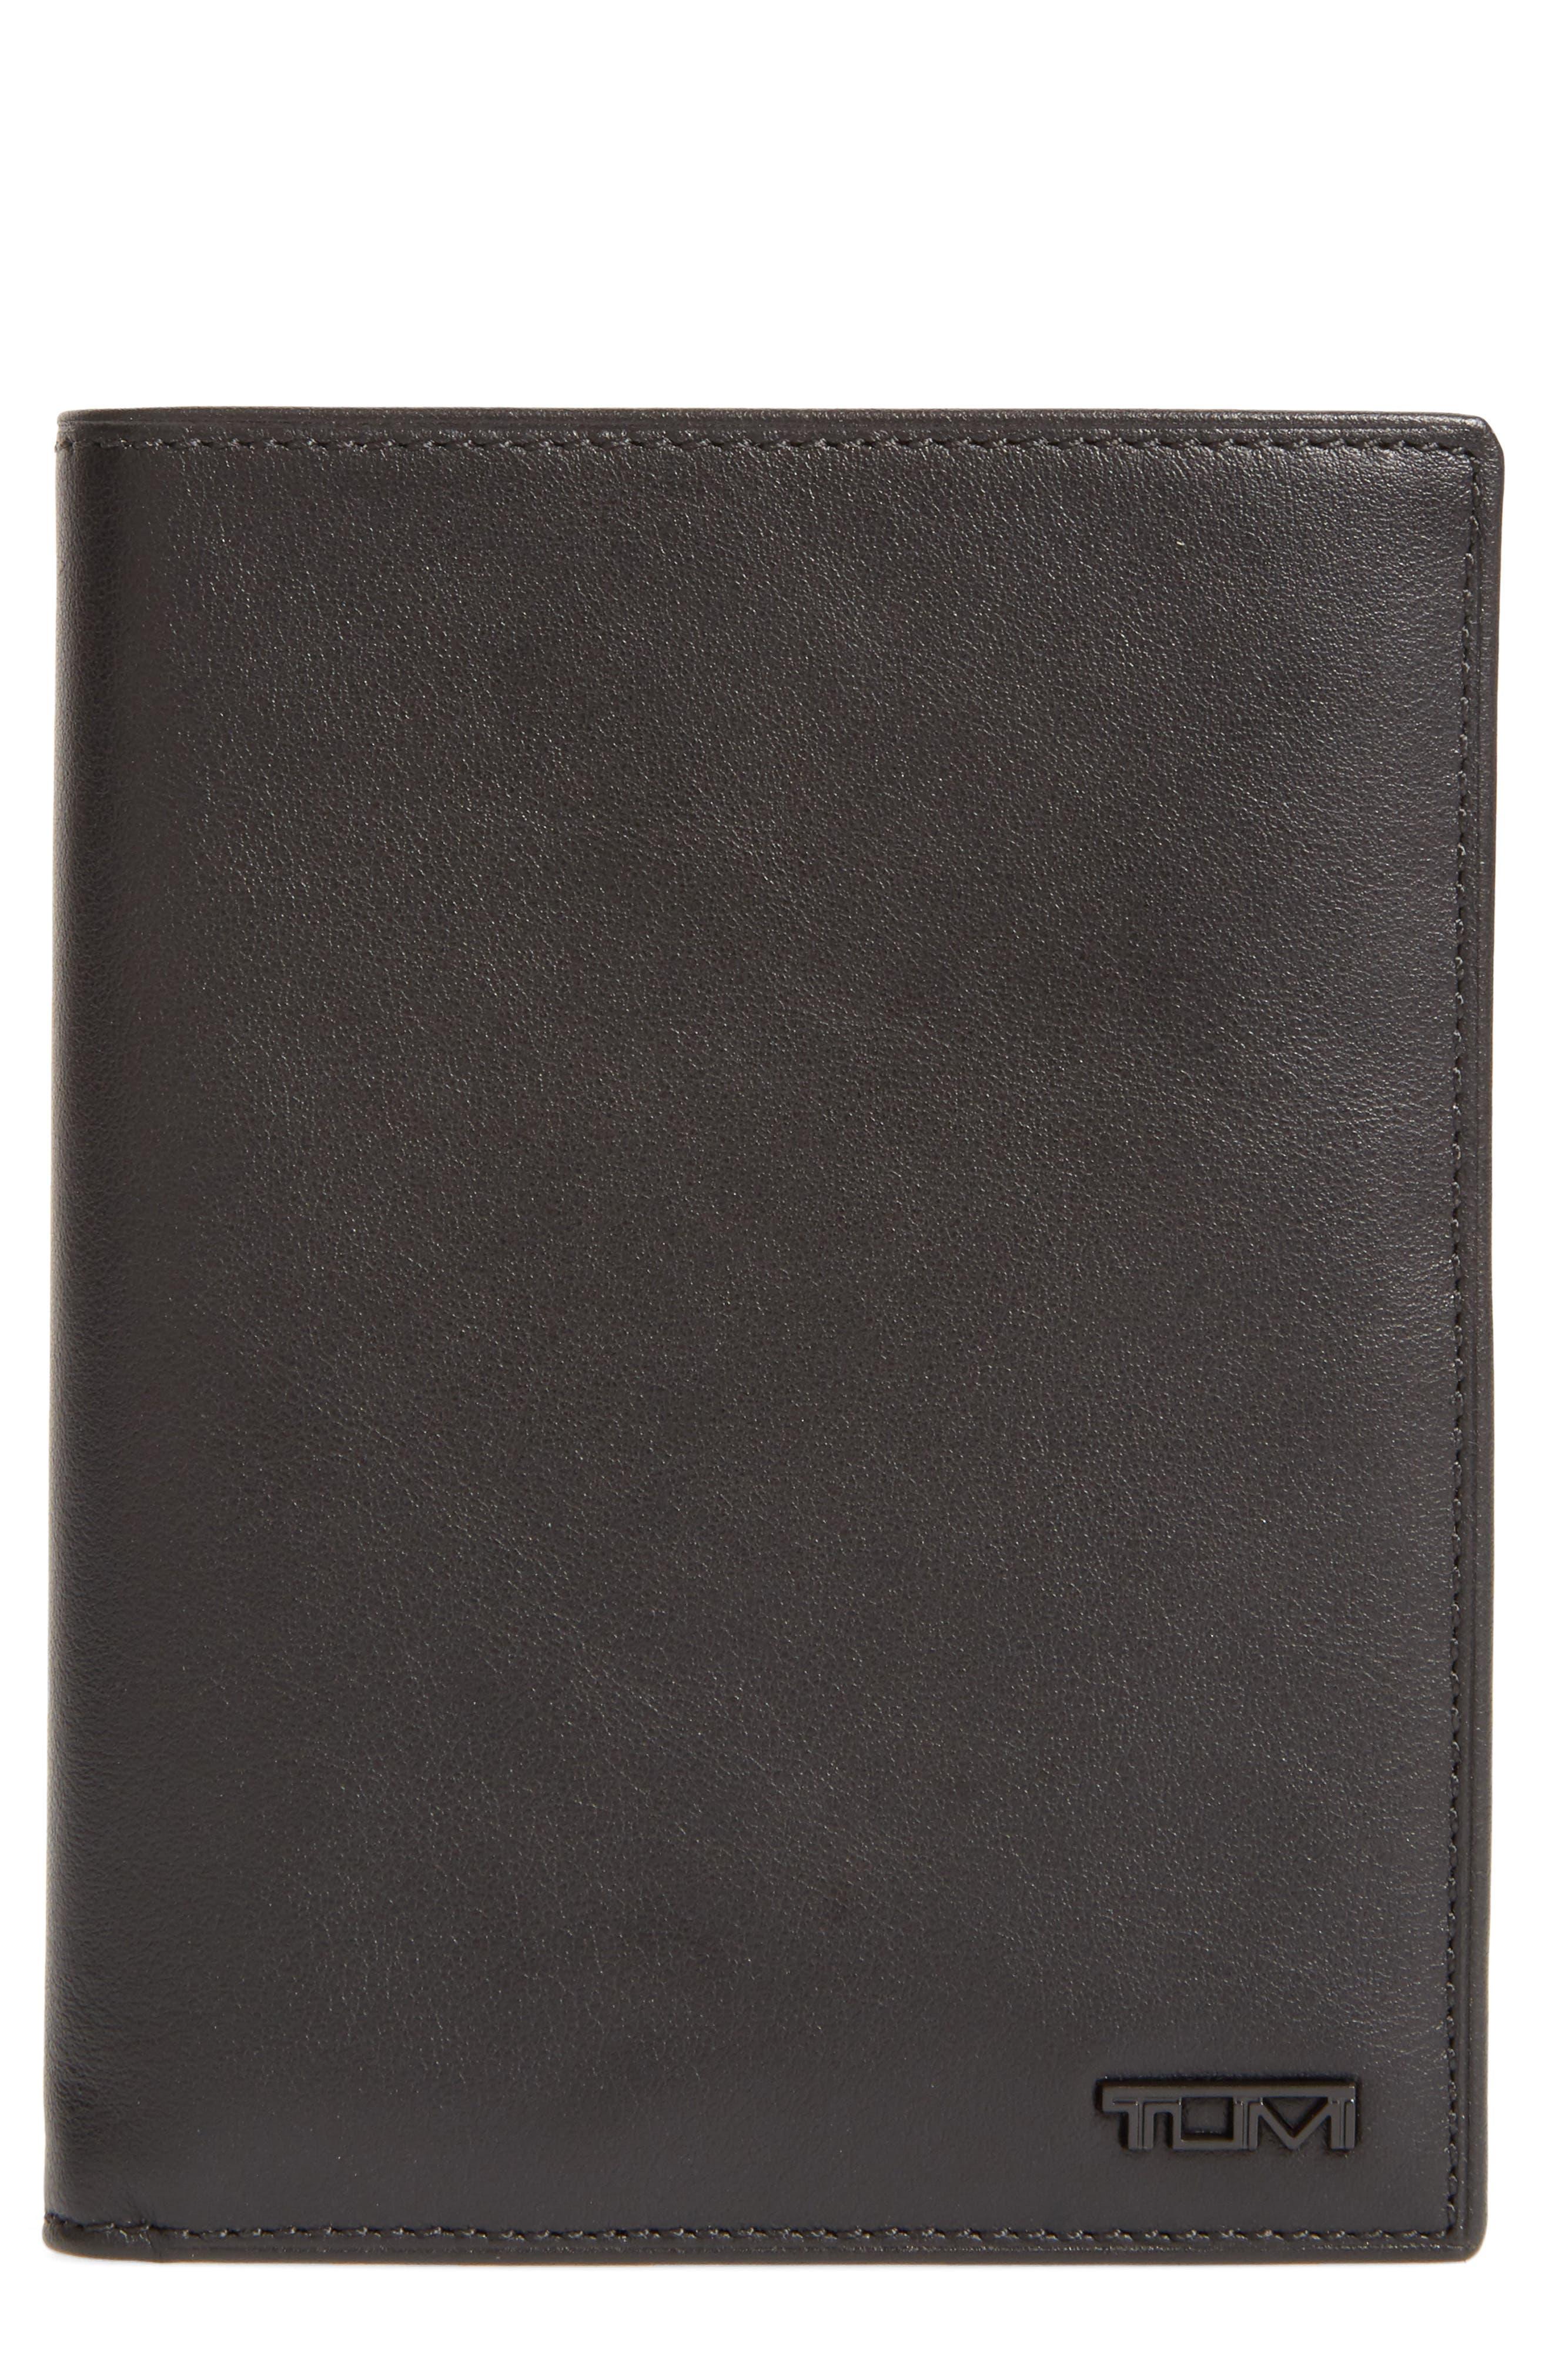 Delta Passport Case,                             Main thumbnail 1, color,                             Black